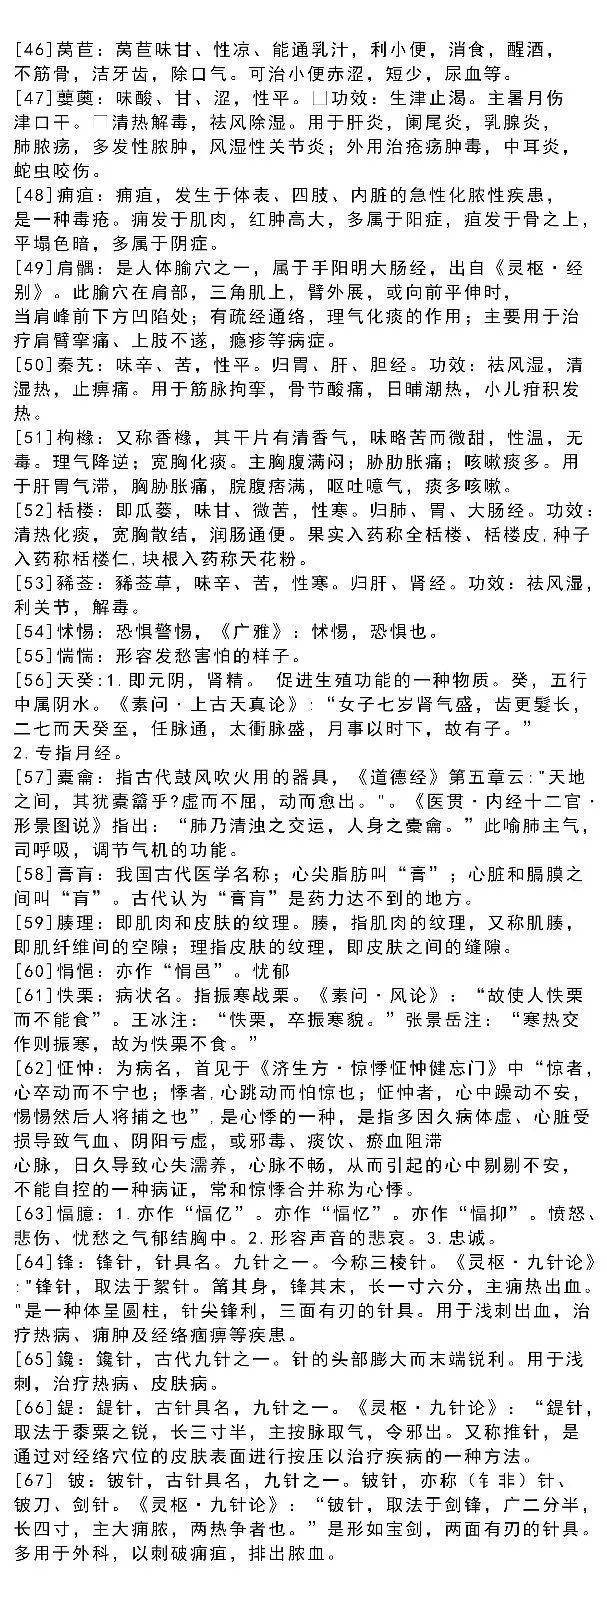 """神曲!中医药版""""生僻字""""火了,歌词认识一半算我输图片"""